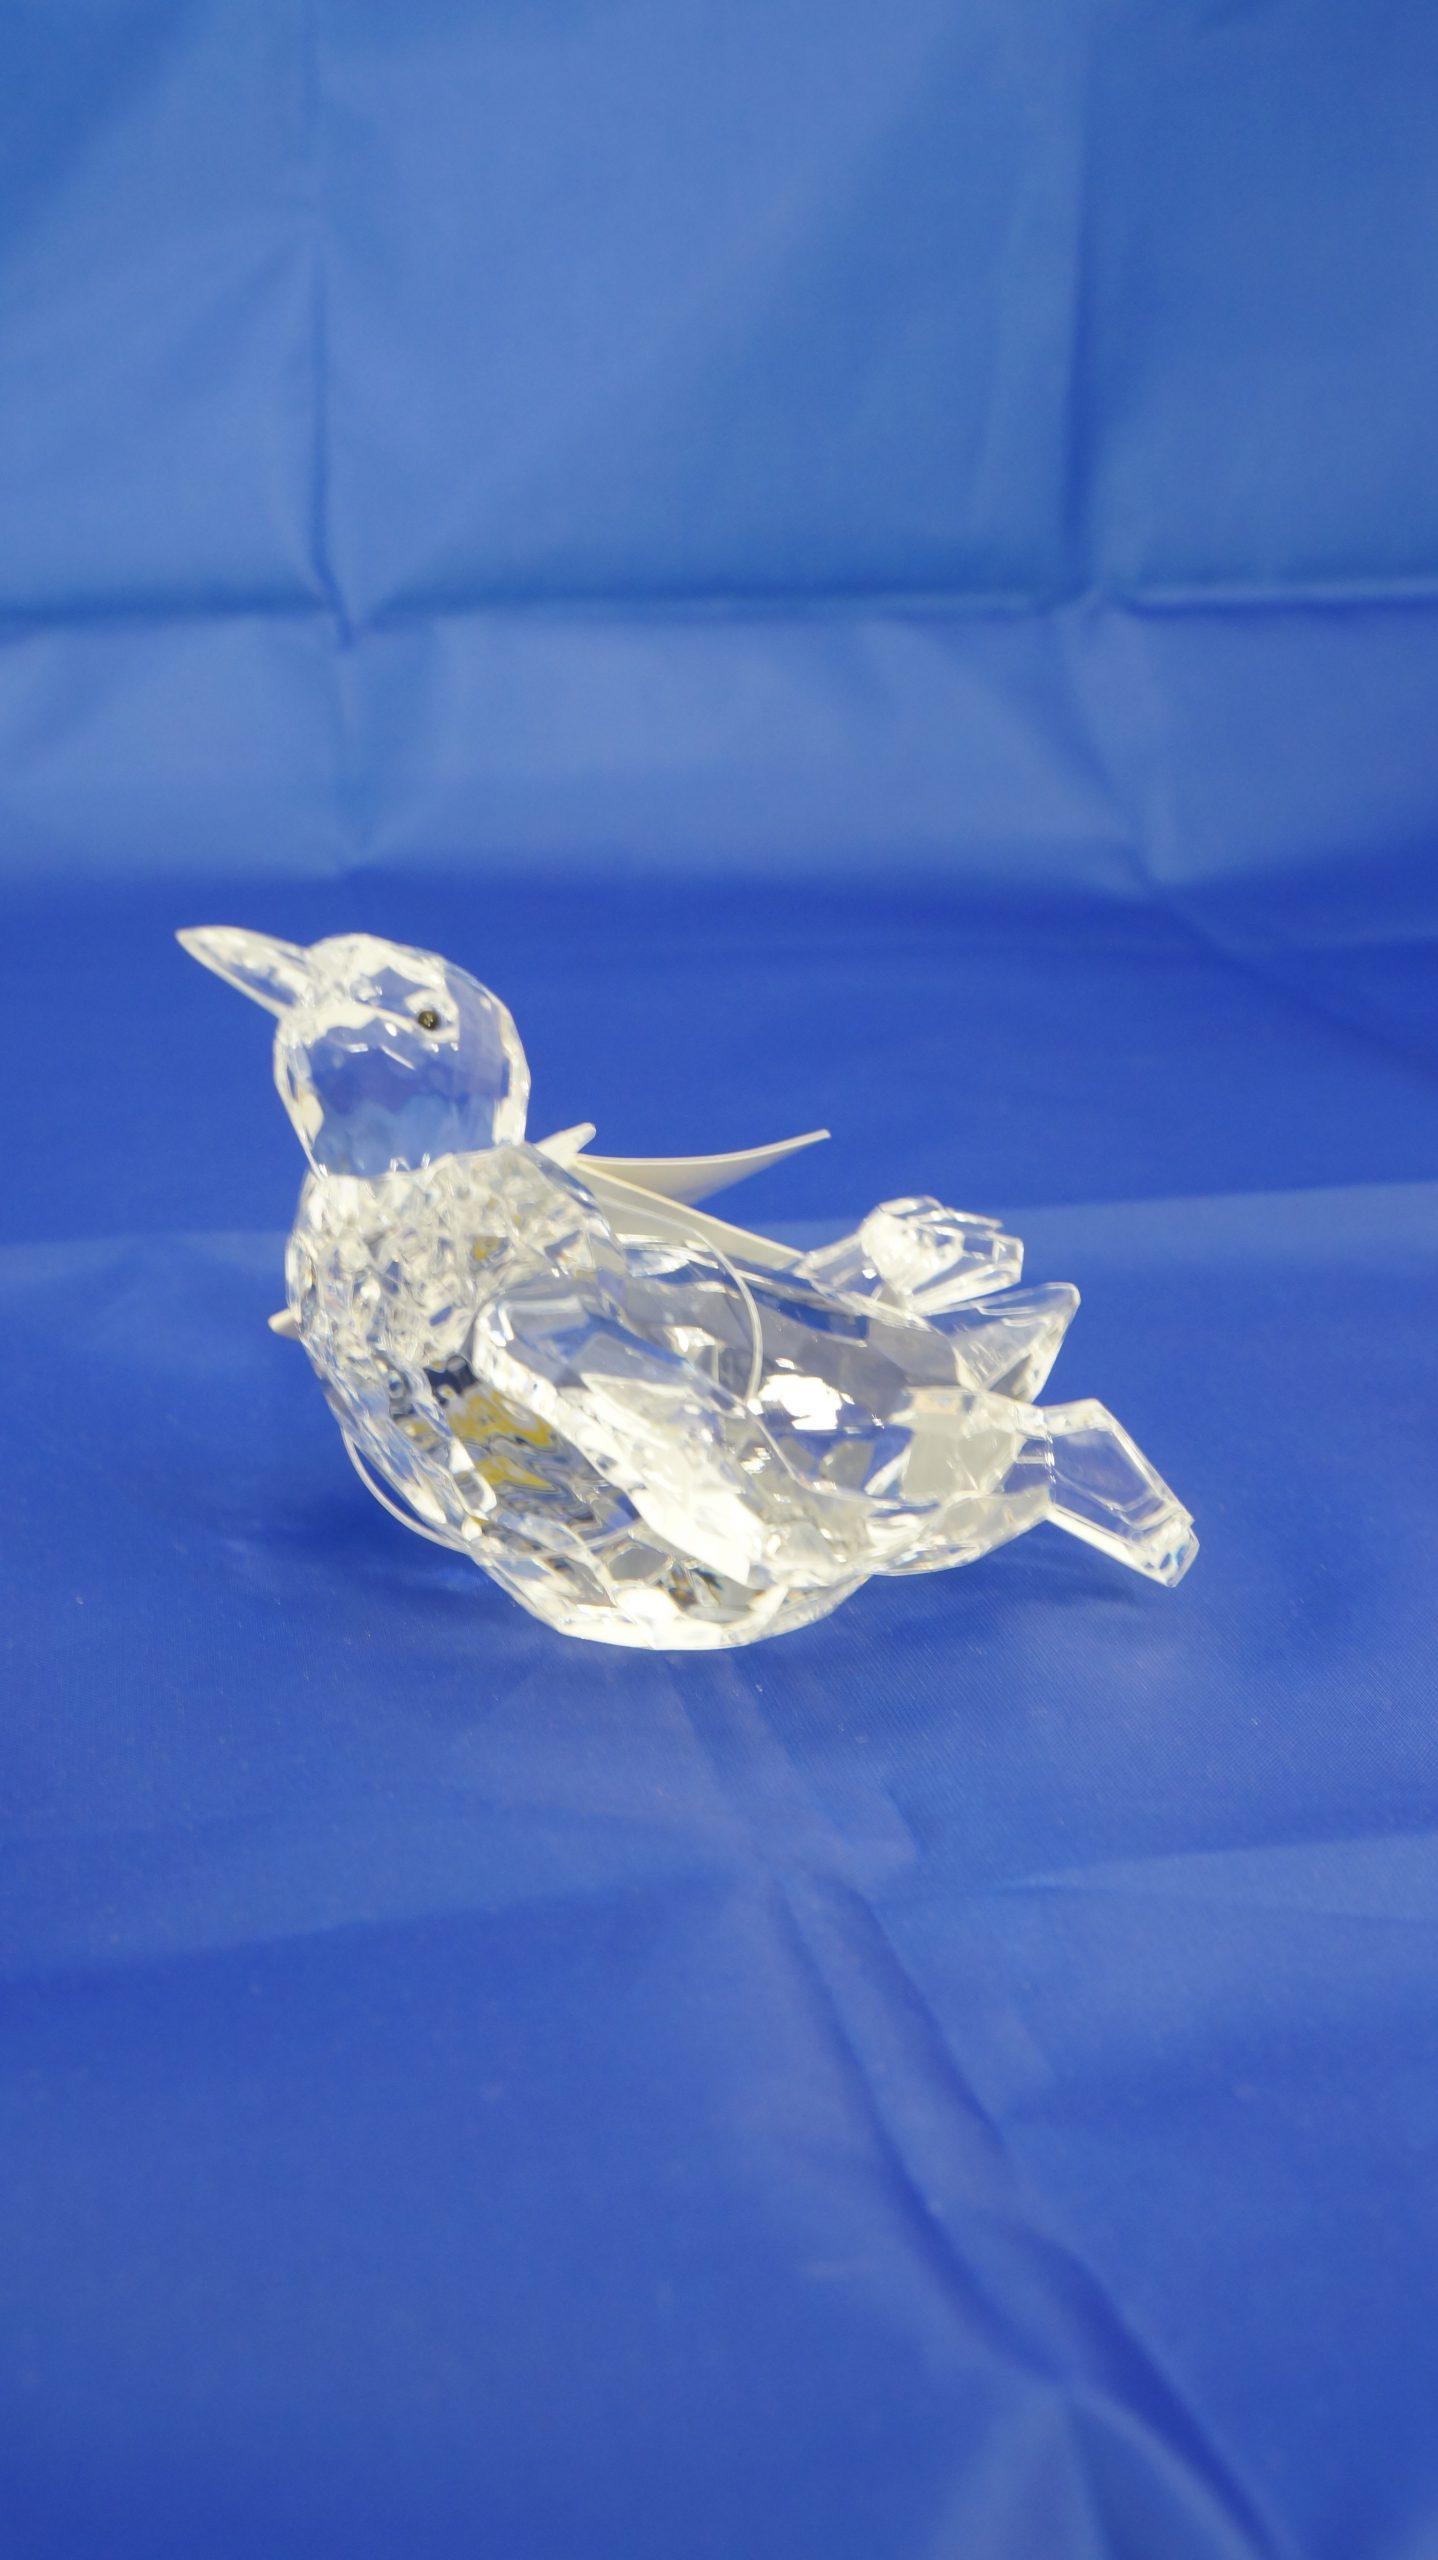 Μινιατούρα πιγκουίνος από διάφανο plexiglass INART - 1